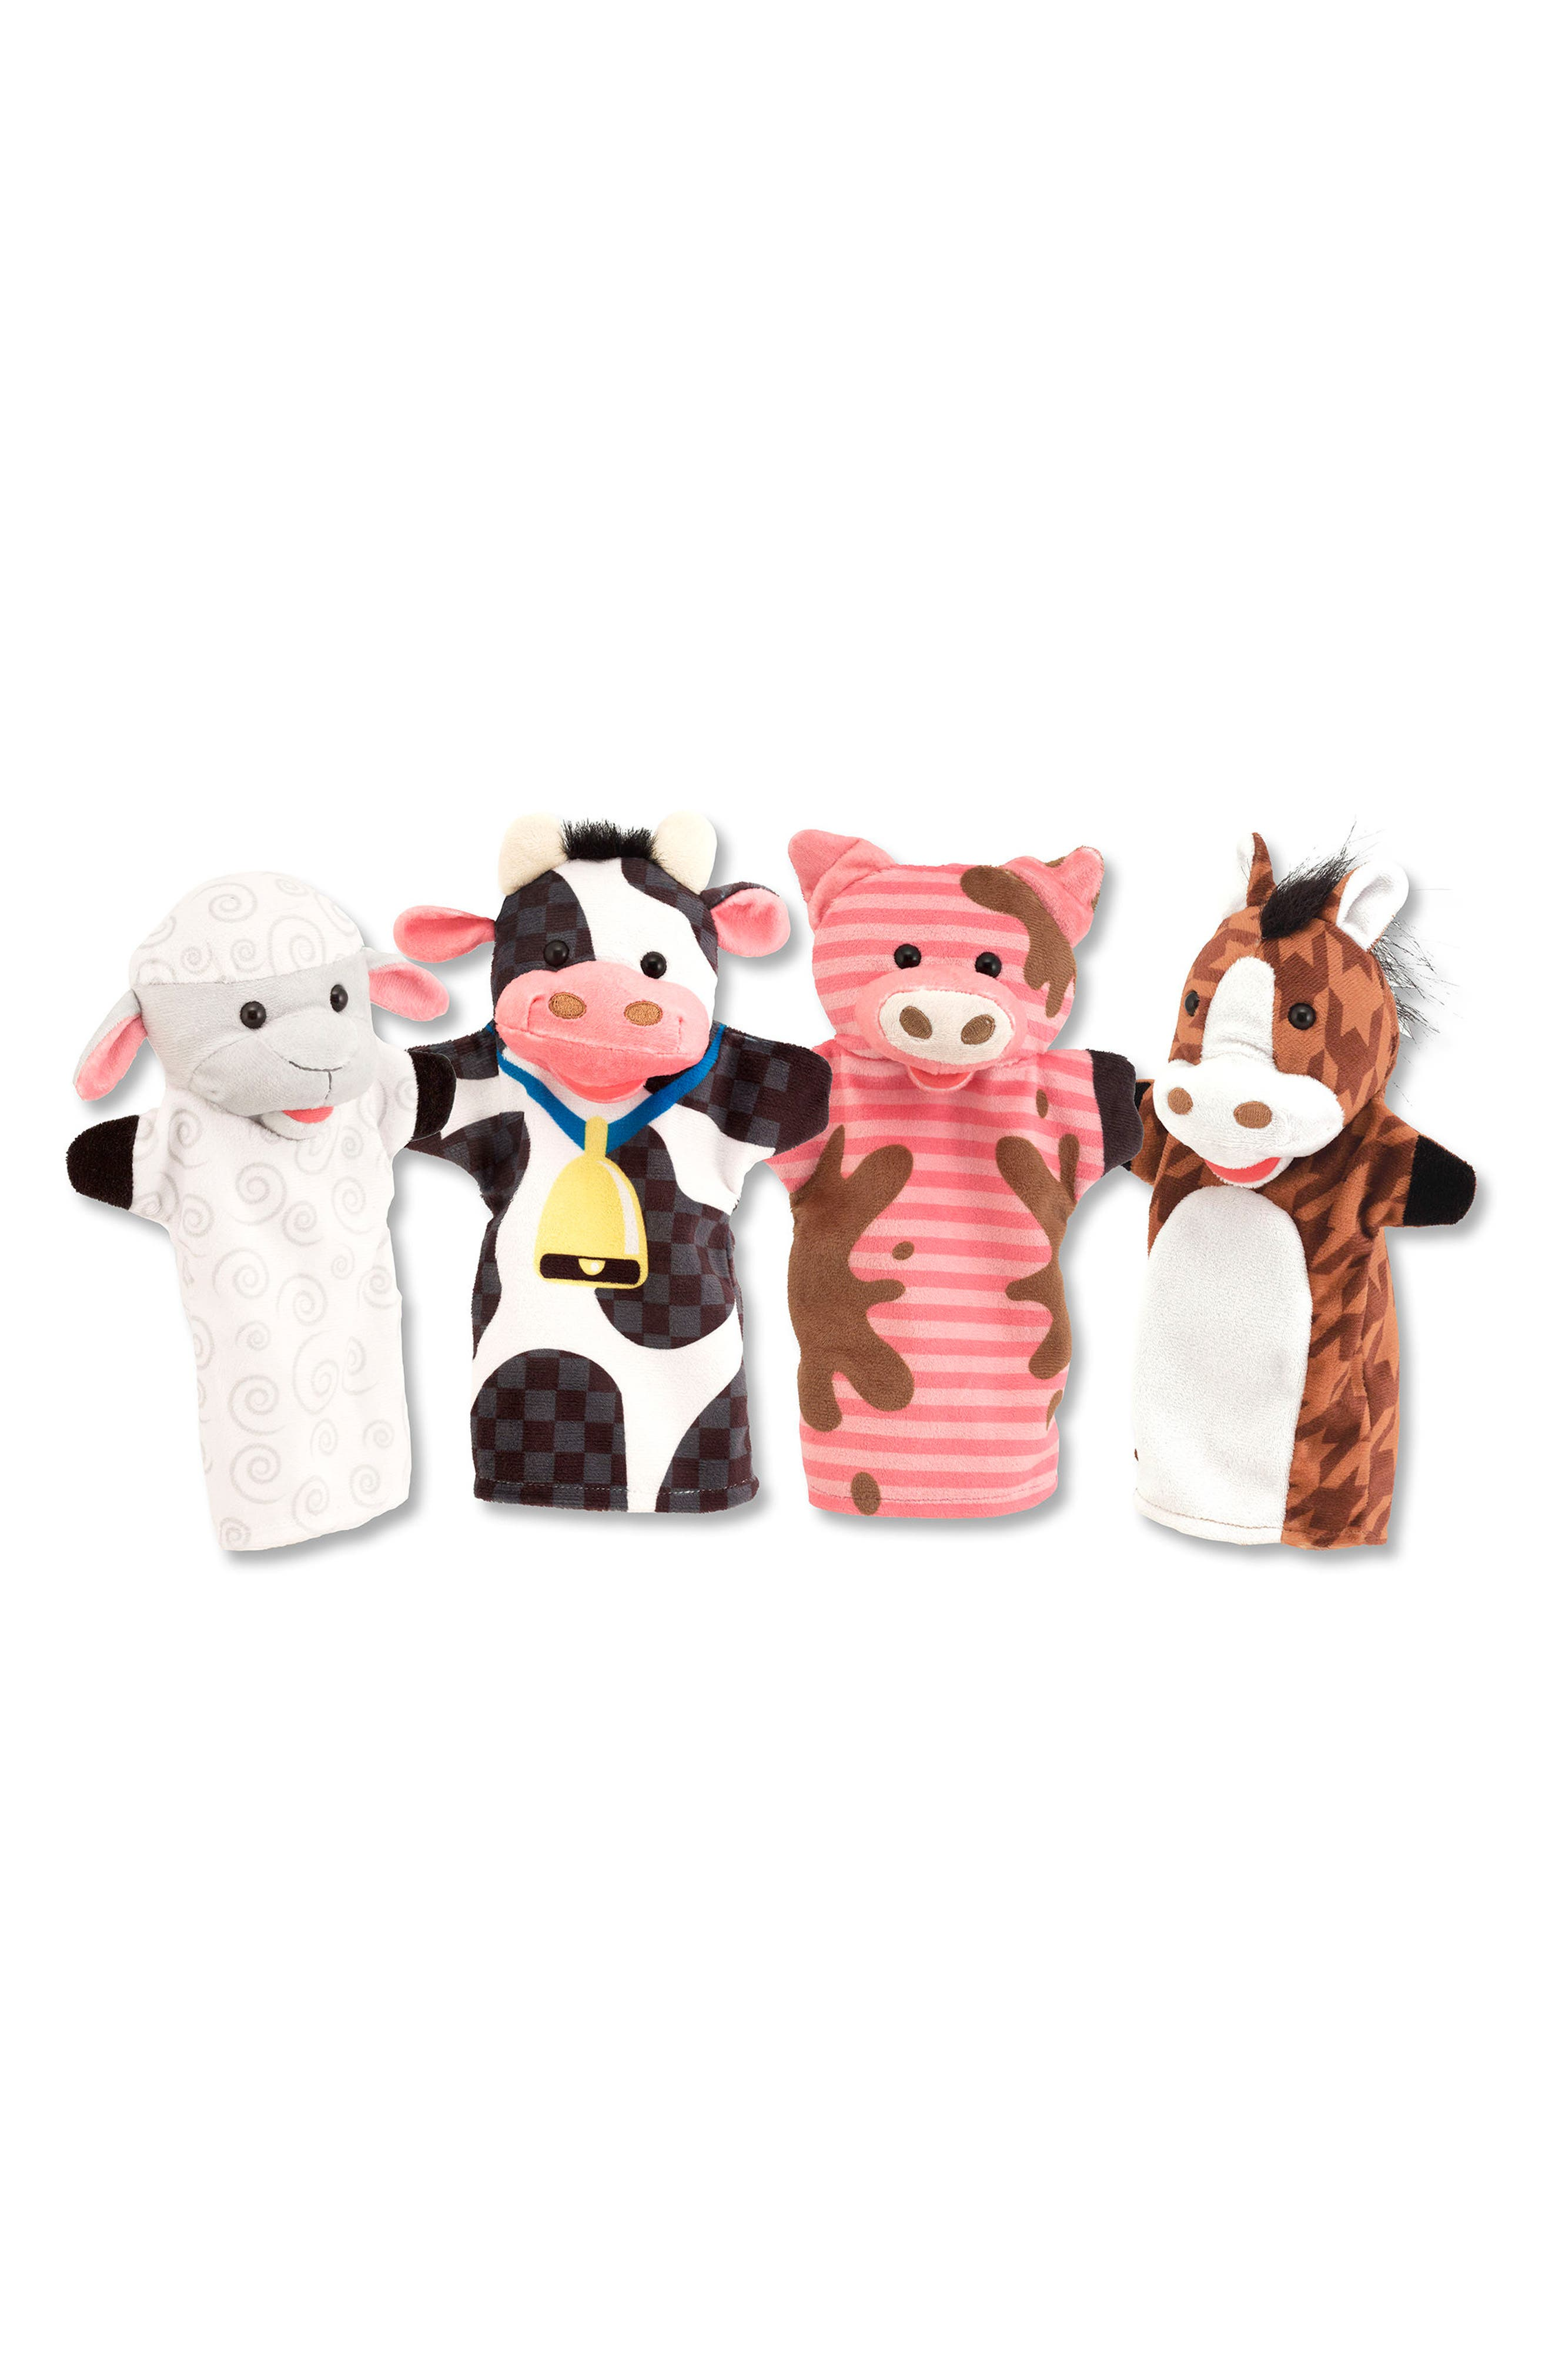 Farm Friends 4-Piece Hand Puppet Set,                         Main,                         color, 200